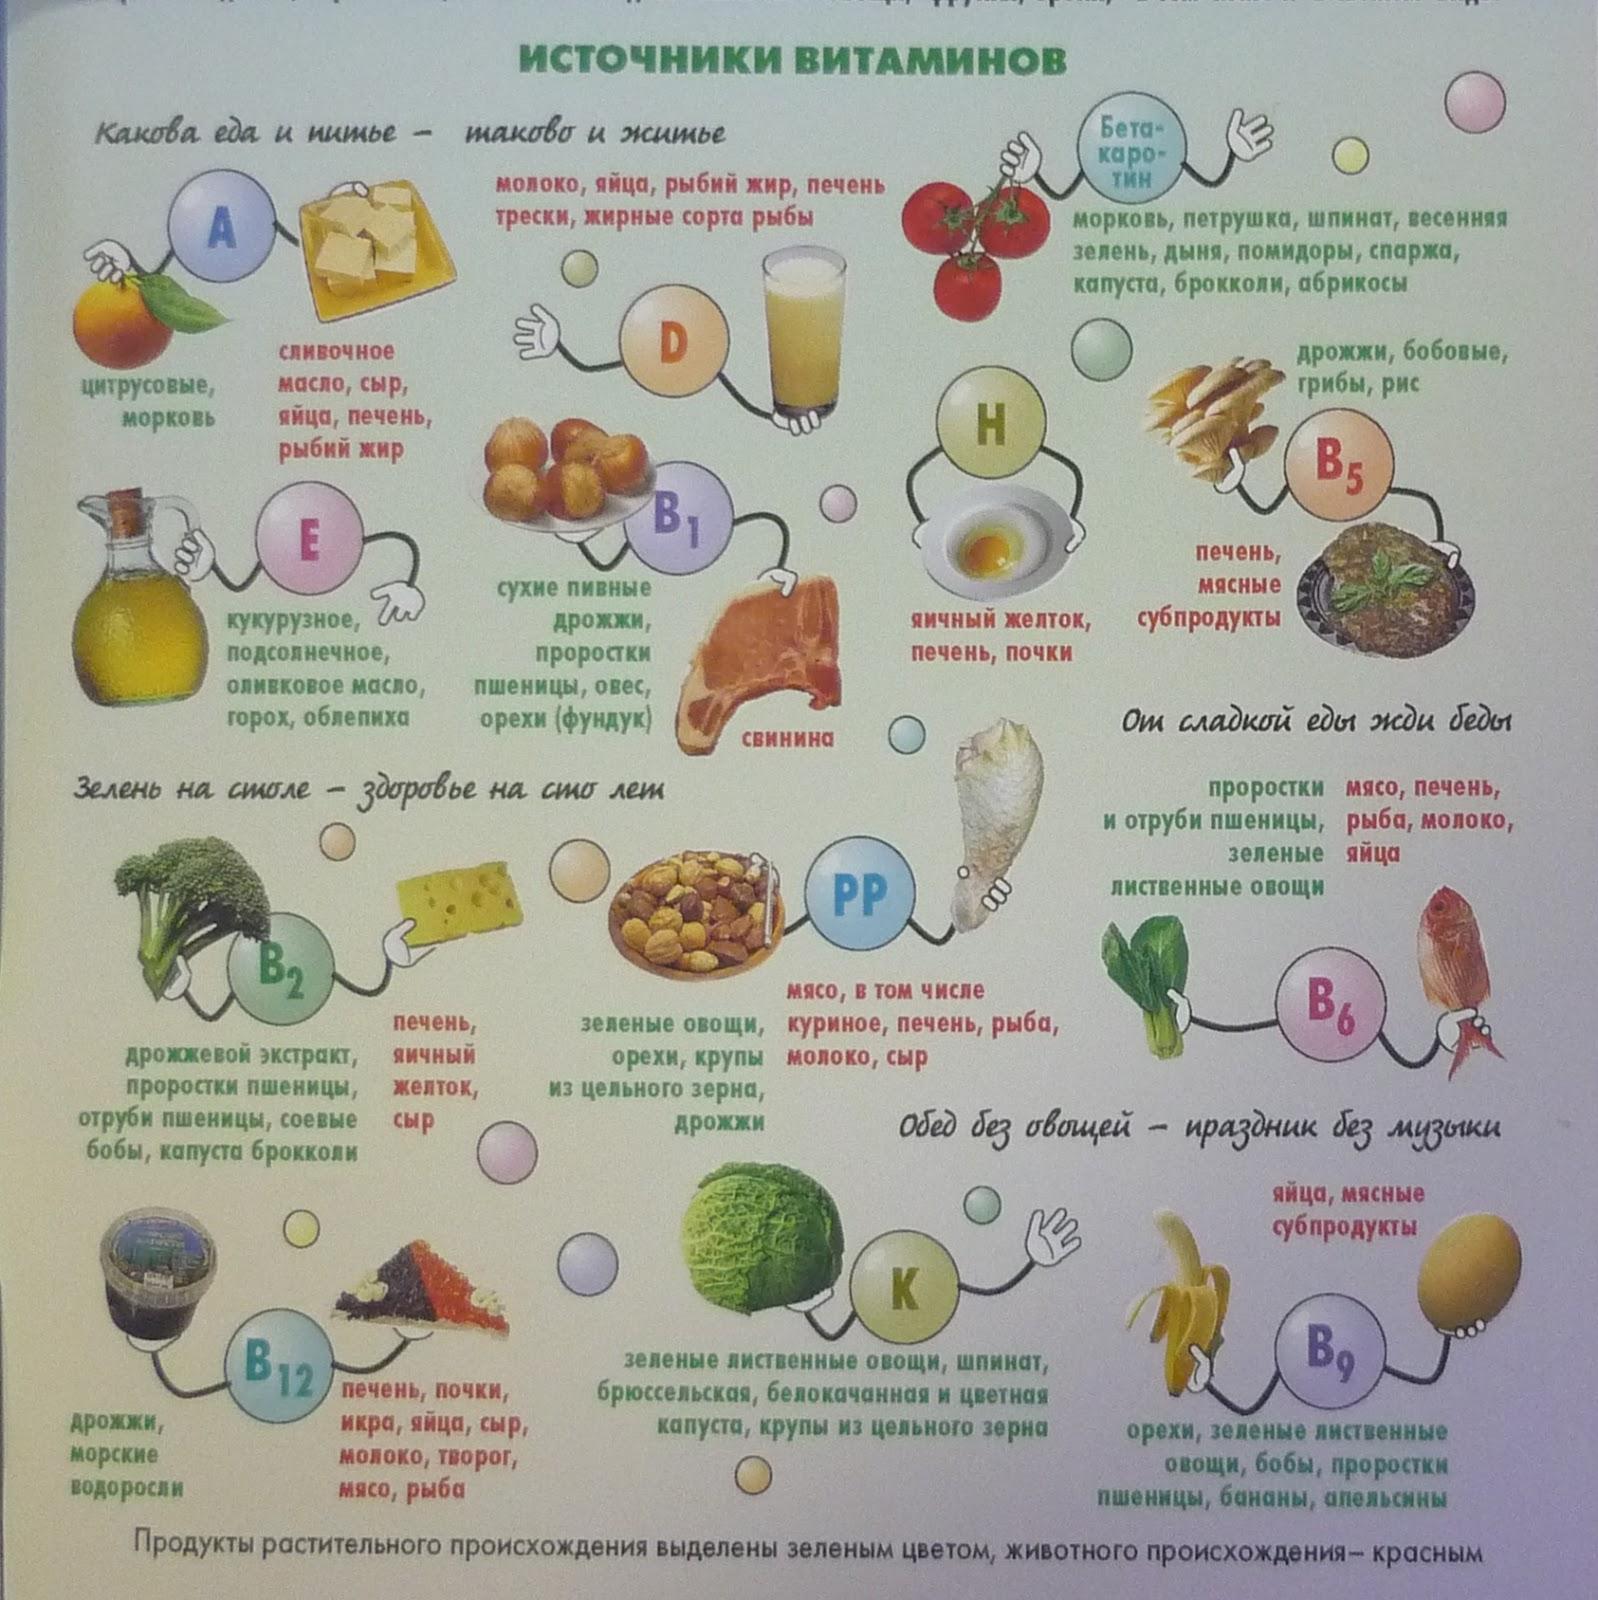 продукты способствующие сжиганию жиров организме